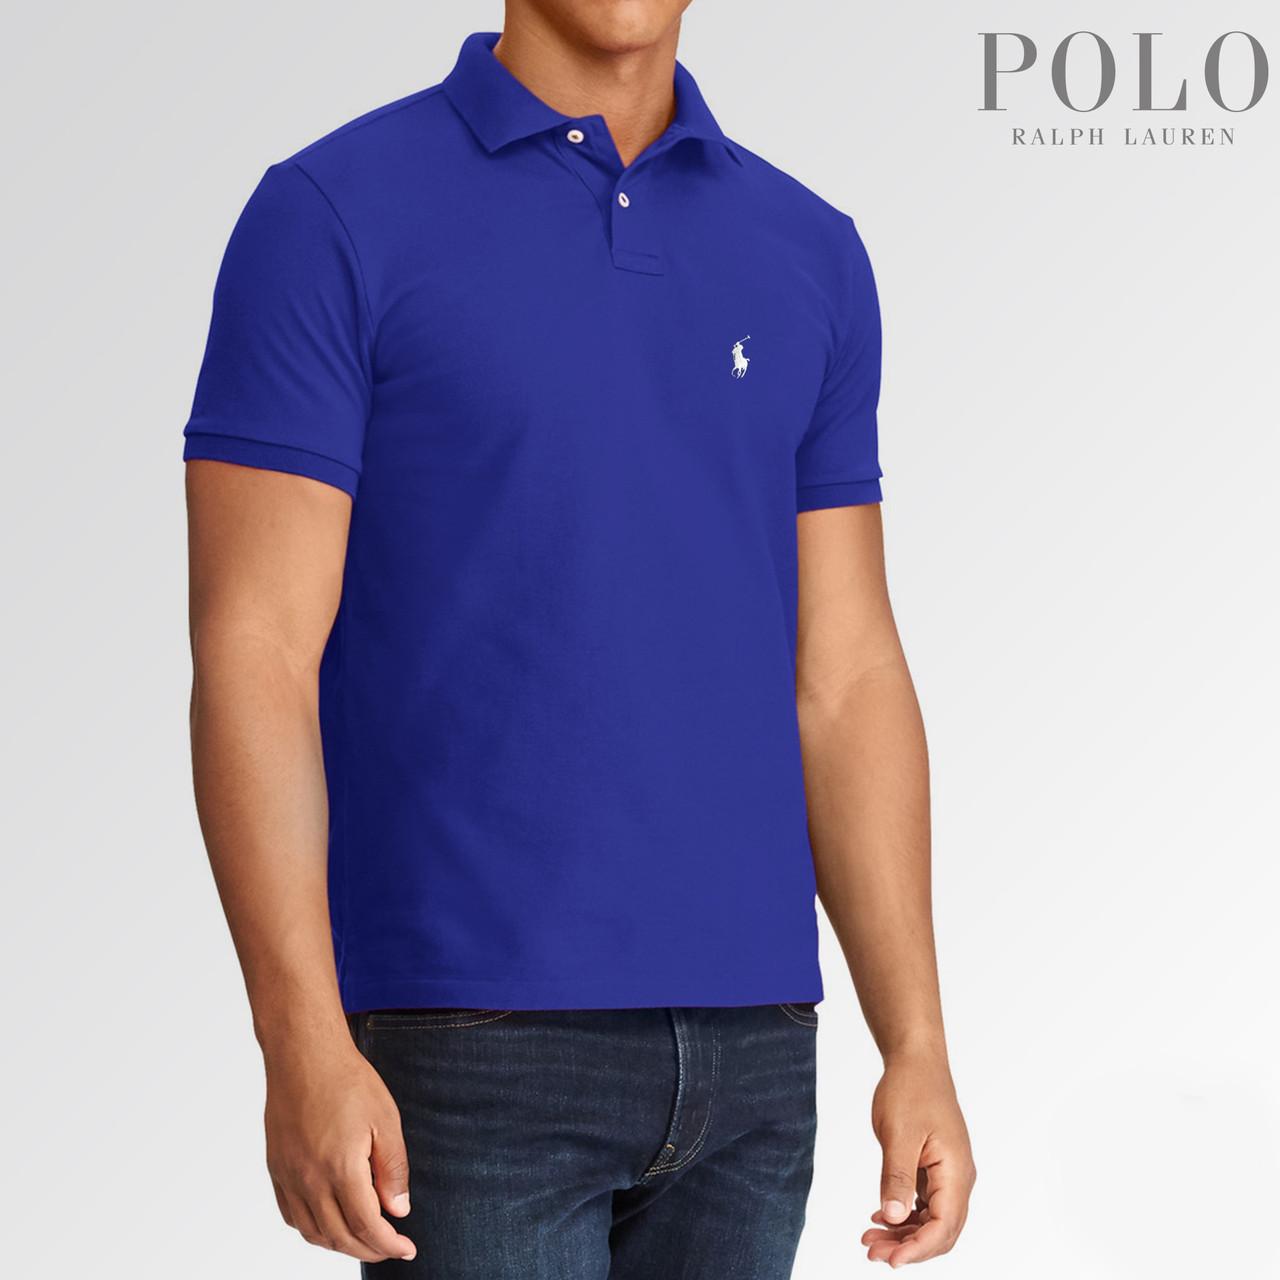 Футболка поло Ralph Lauren логотип вышивка топ релпика